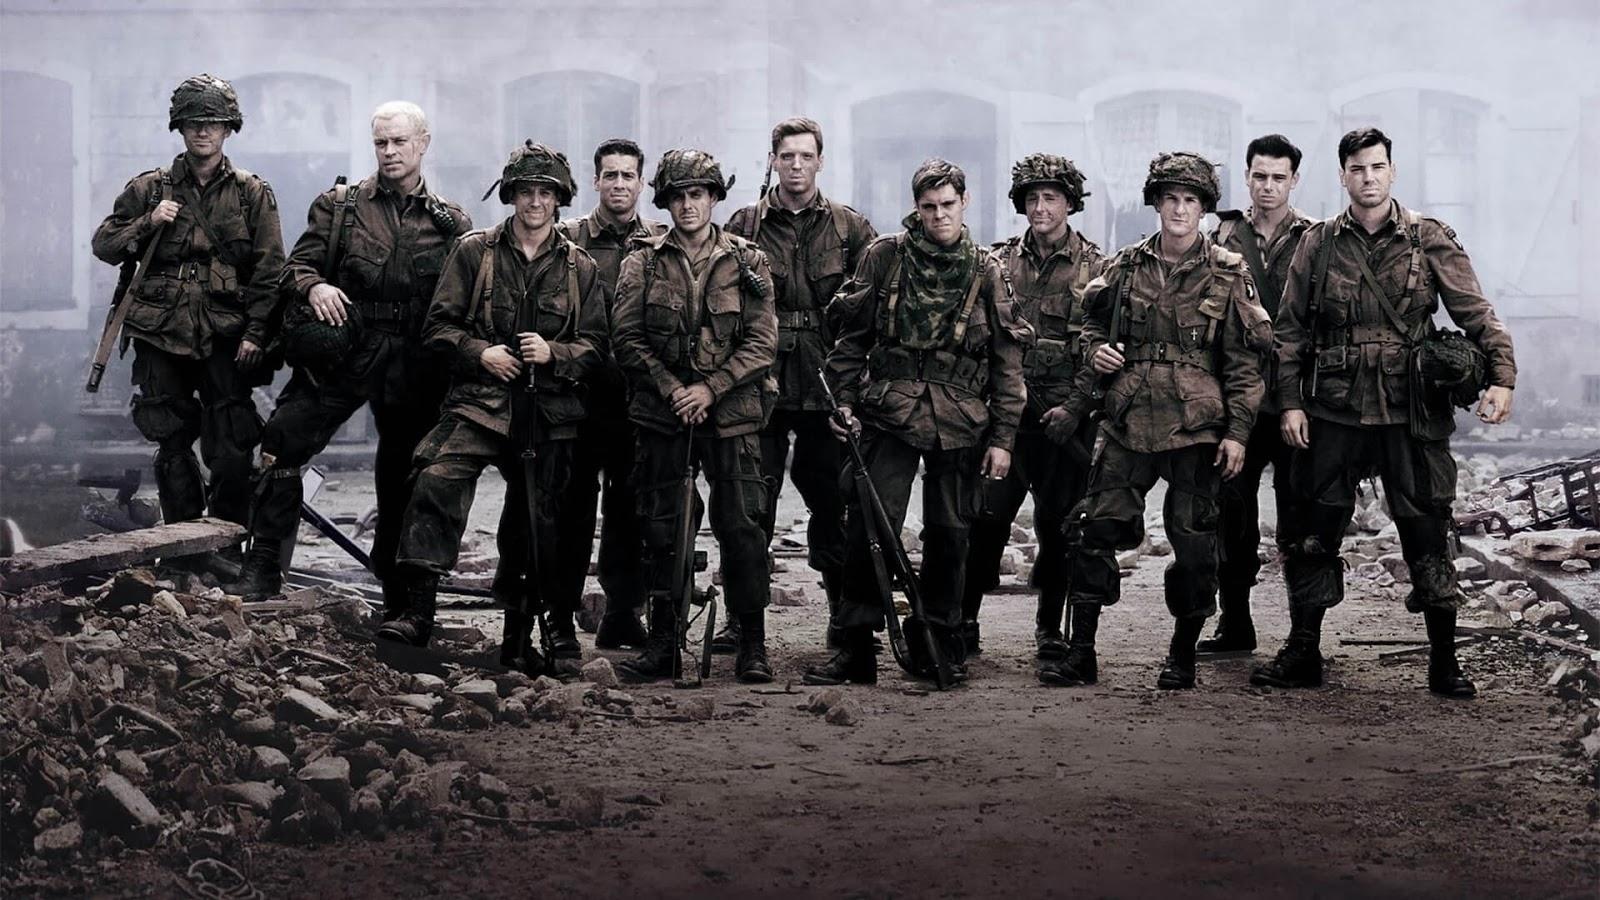 Найближчими днями понад 150 військових елітної 101-ї повітряно-десантної дивізії армії США прибудуть у Яворів тренувати українських воїнів, - Чалий - Цензор.НЕТ 4933